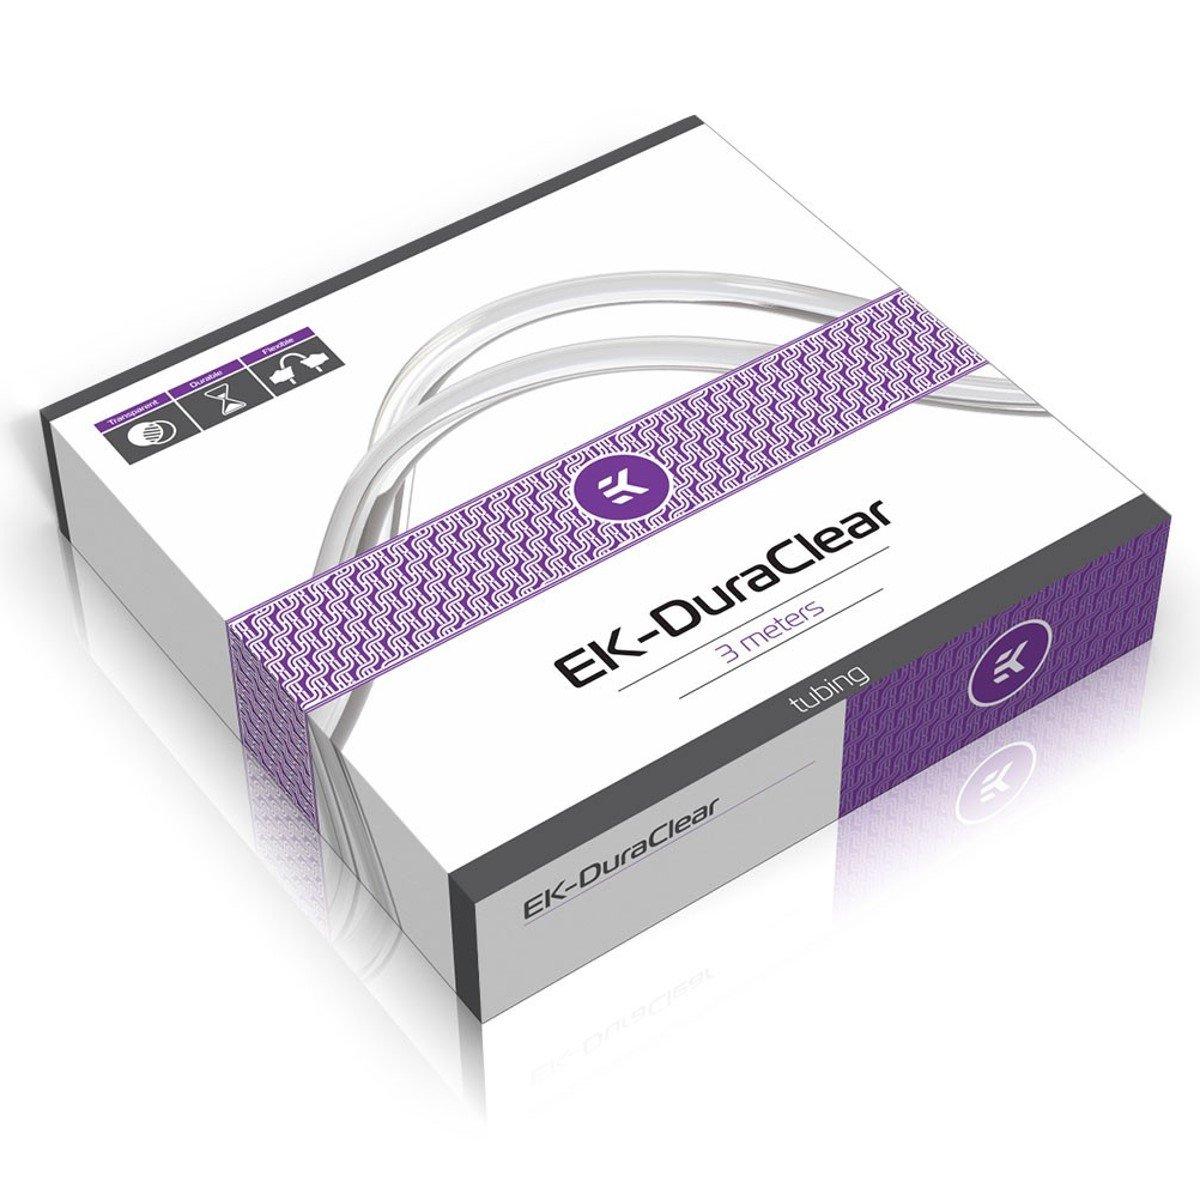 EKWB EK-DuraClear Soft Tubing, 10/16mm (3/8'' ID, 5/8'' OD), 3 Meter, Clear